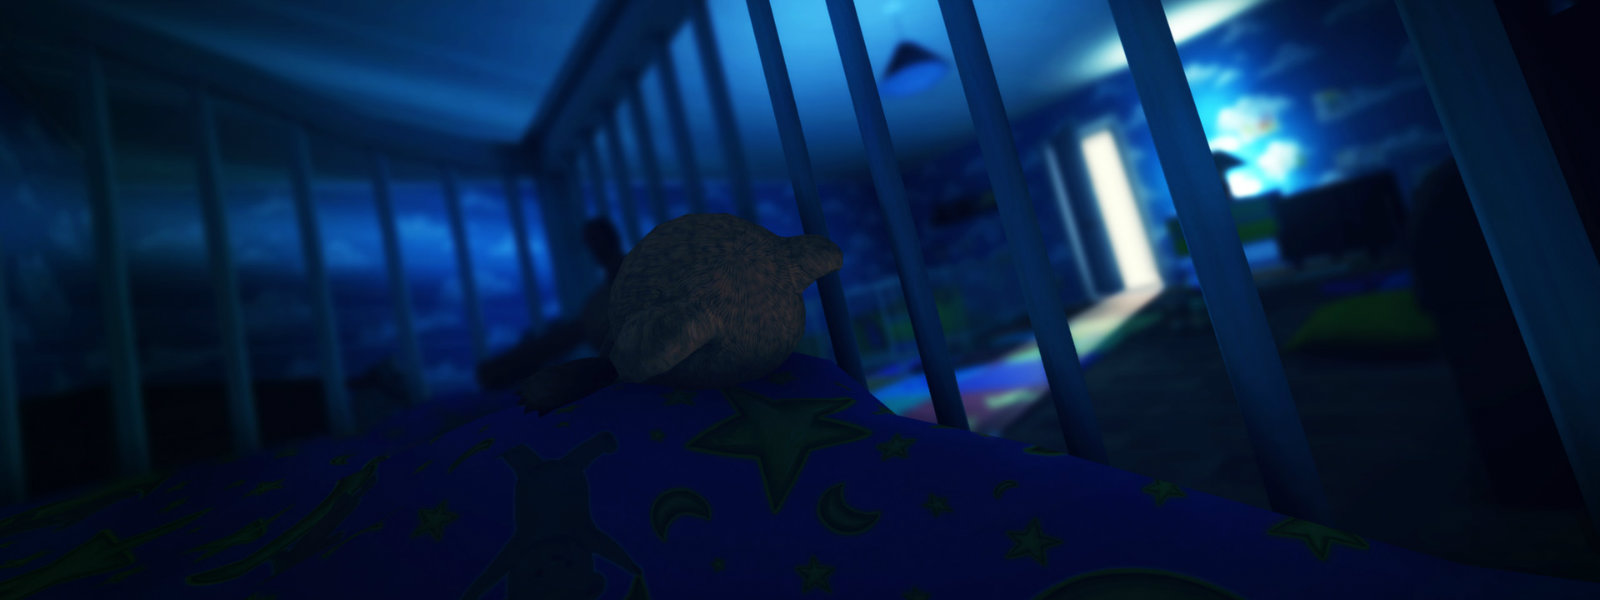 among-the-sleep-featured1.jpg